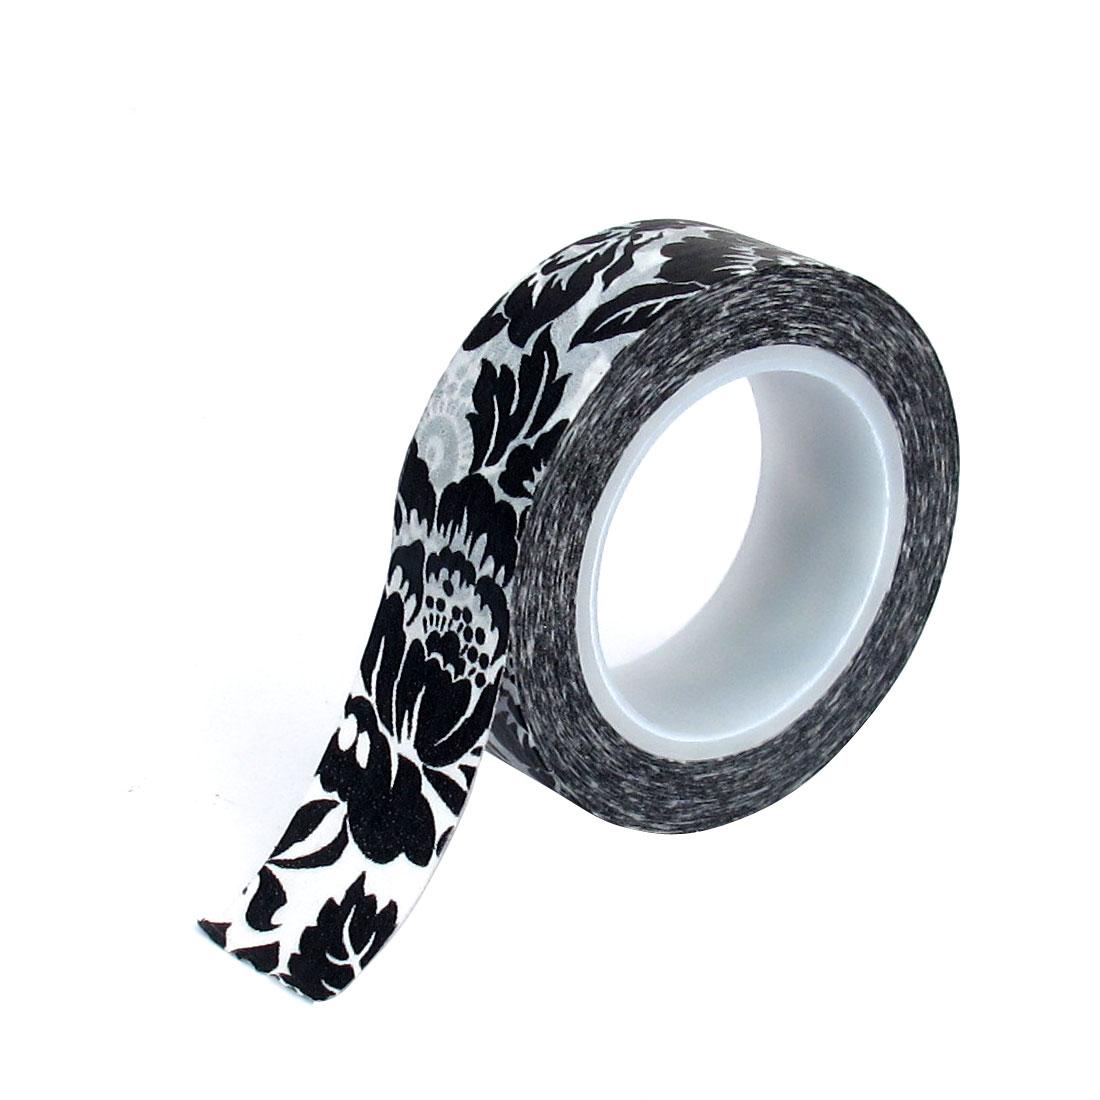 Wash Painting Decorative Craft Washi Masking Tape Sticker